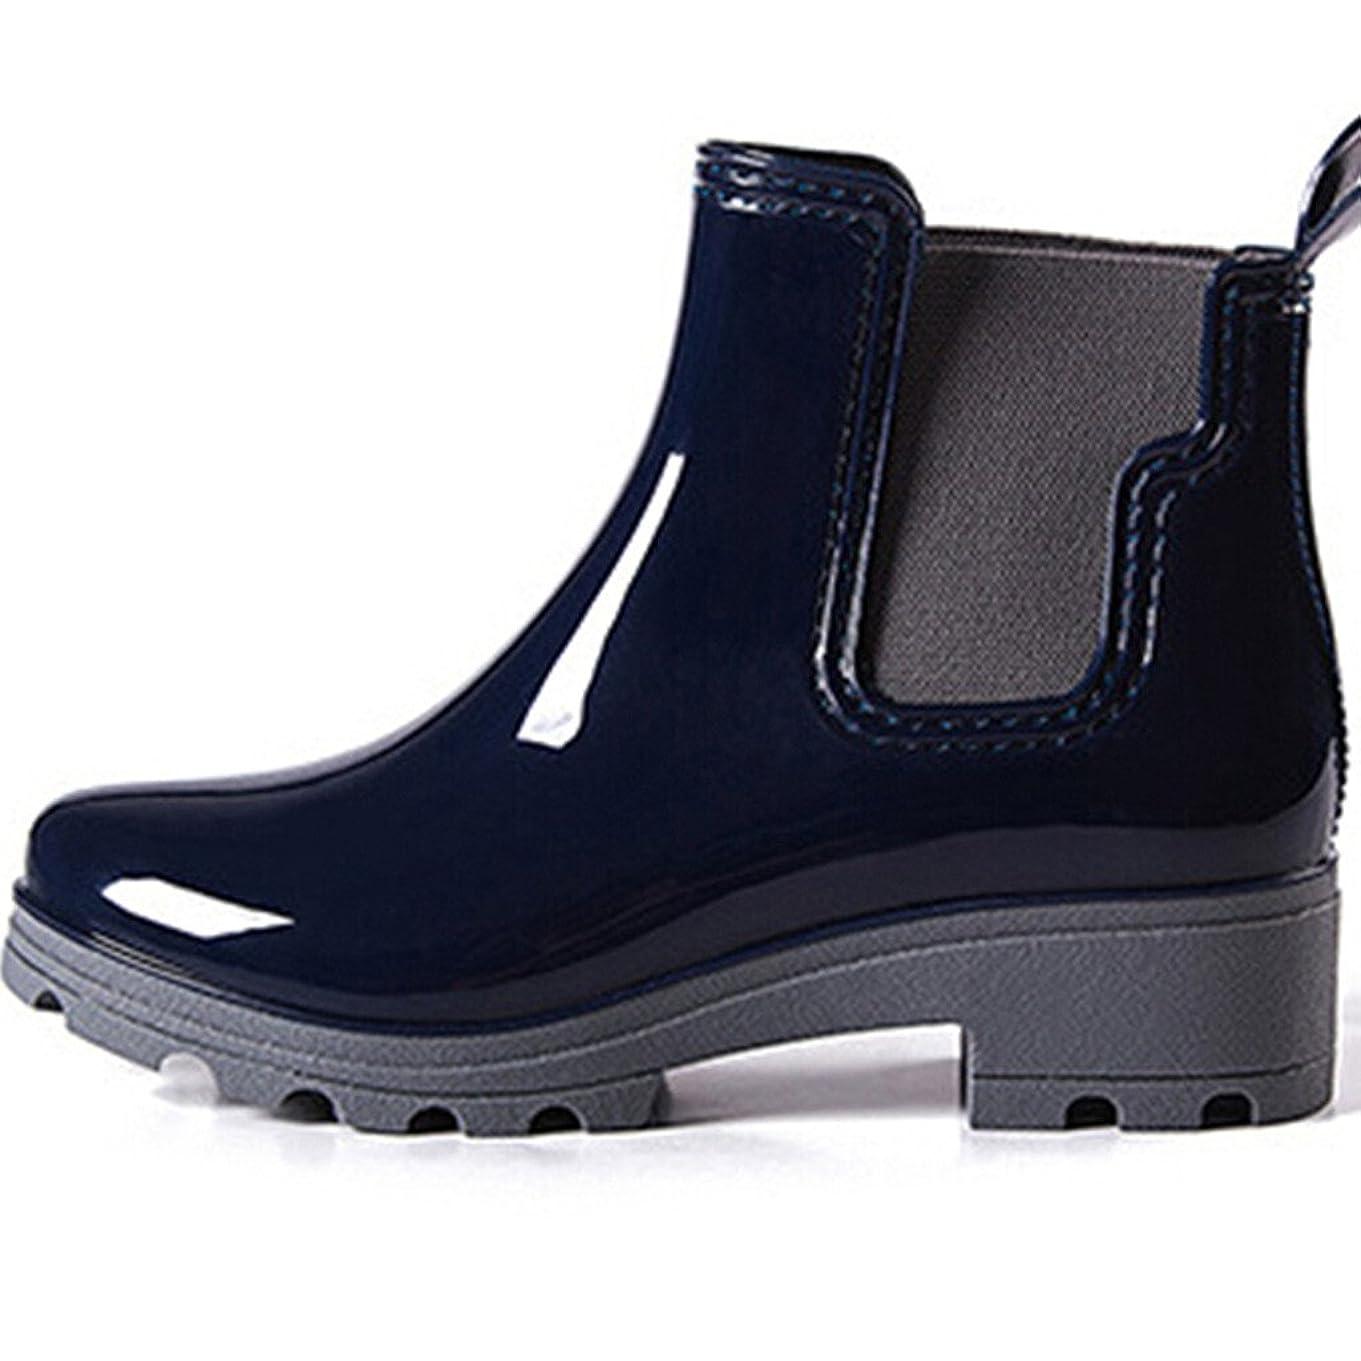 避難する敵嫌悪Dear時間レディースPlatform Ankle Rain Boots